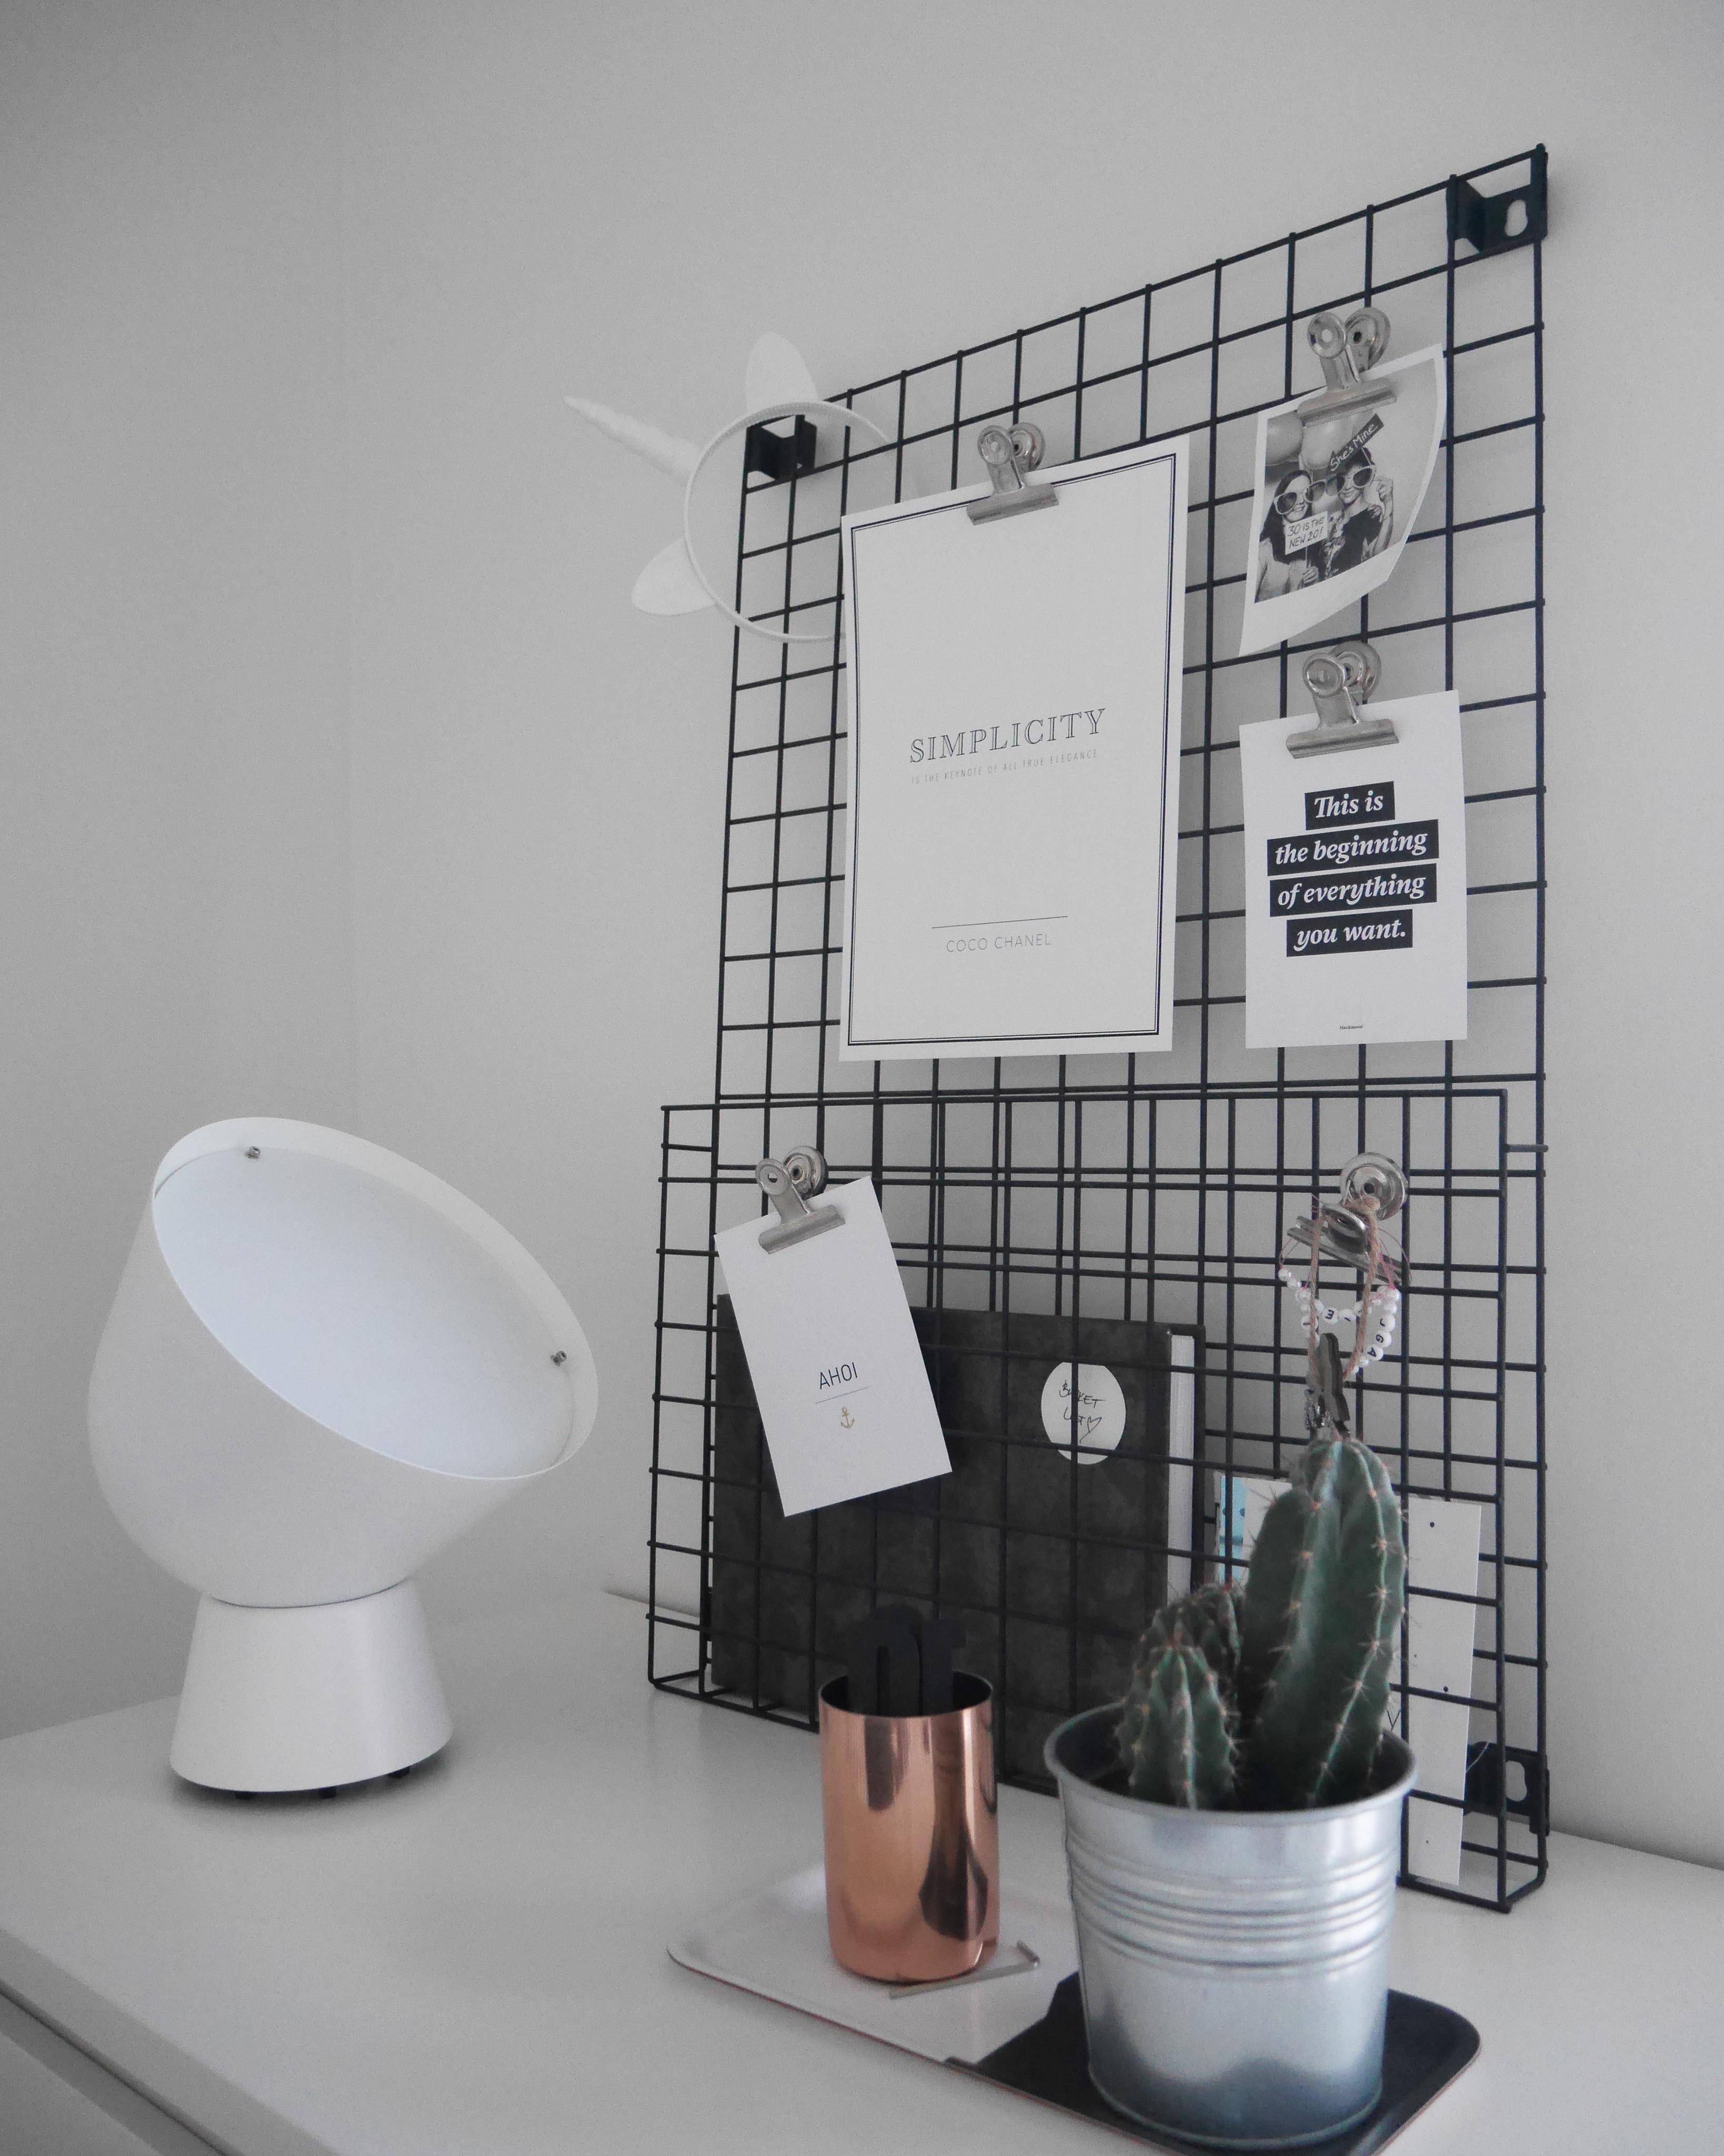 Ein Kleiner Einblick In Mein Schlafzimmer #bedroomdetails #postcardlove  #blackandwhite